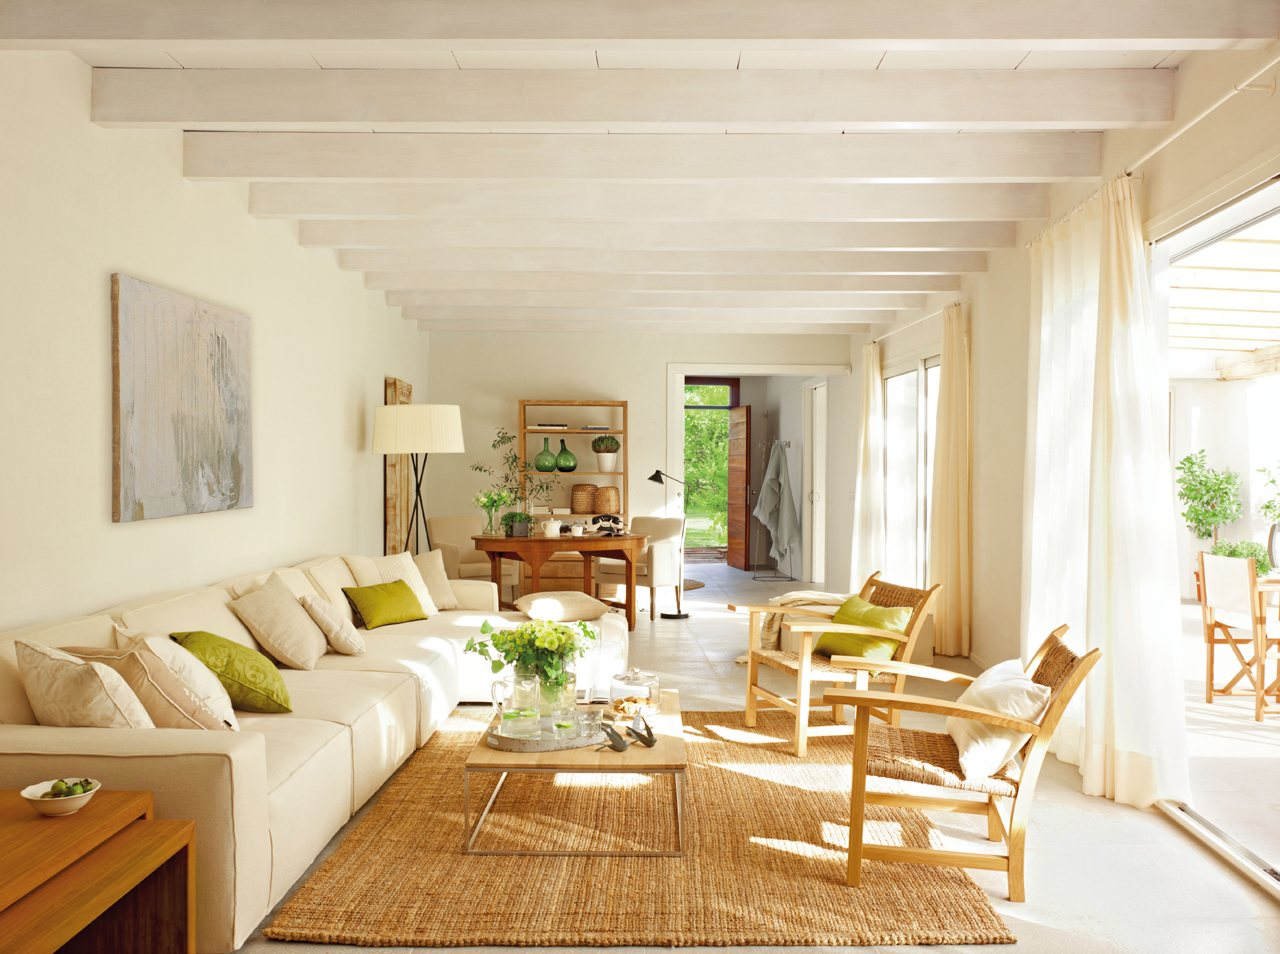 Una Casa Del Siglo Xix En Menorca Restaurada Con Mimo # Muebles Cautivo